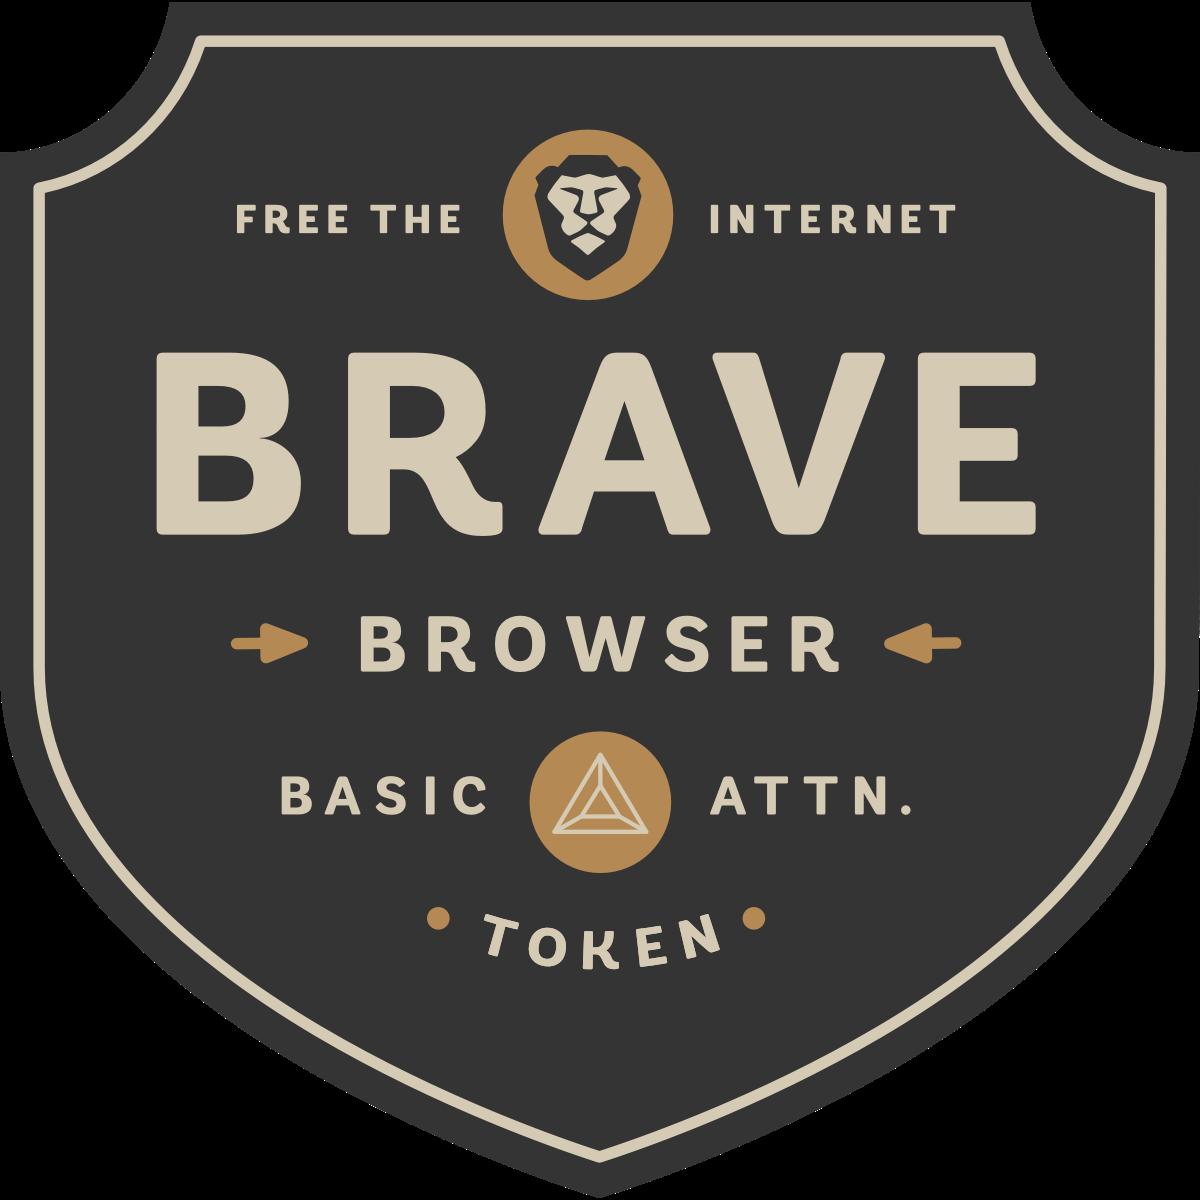 Brave 1.0: Der Browser für ein besseres Internet